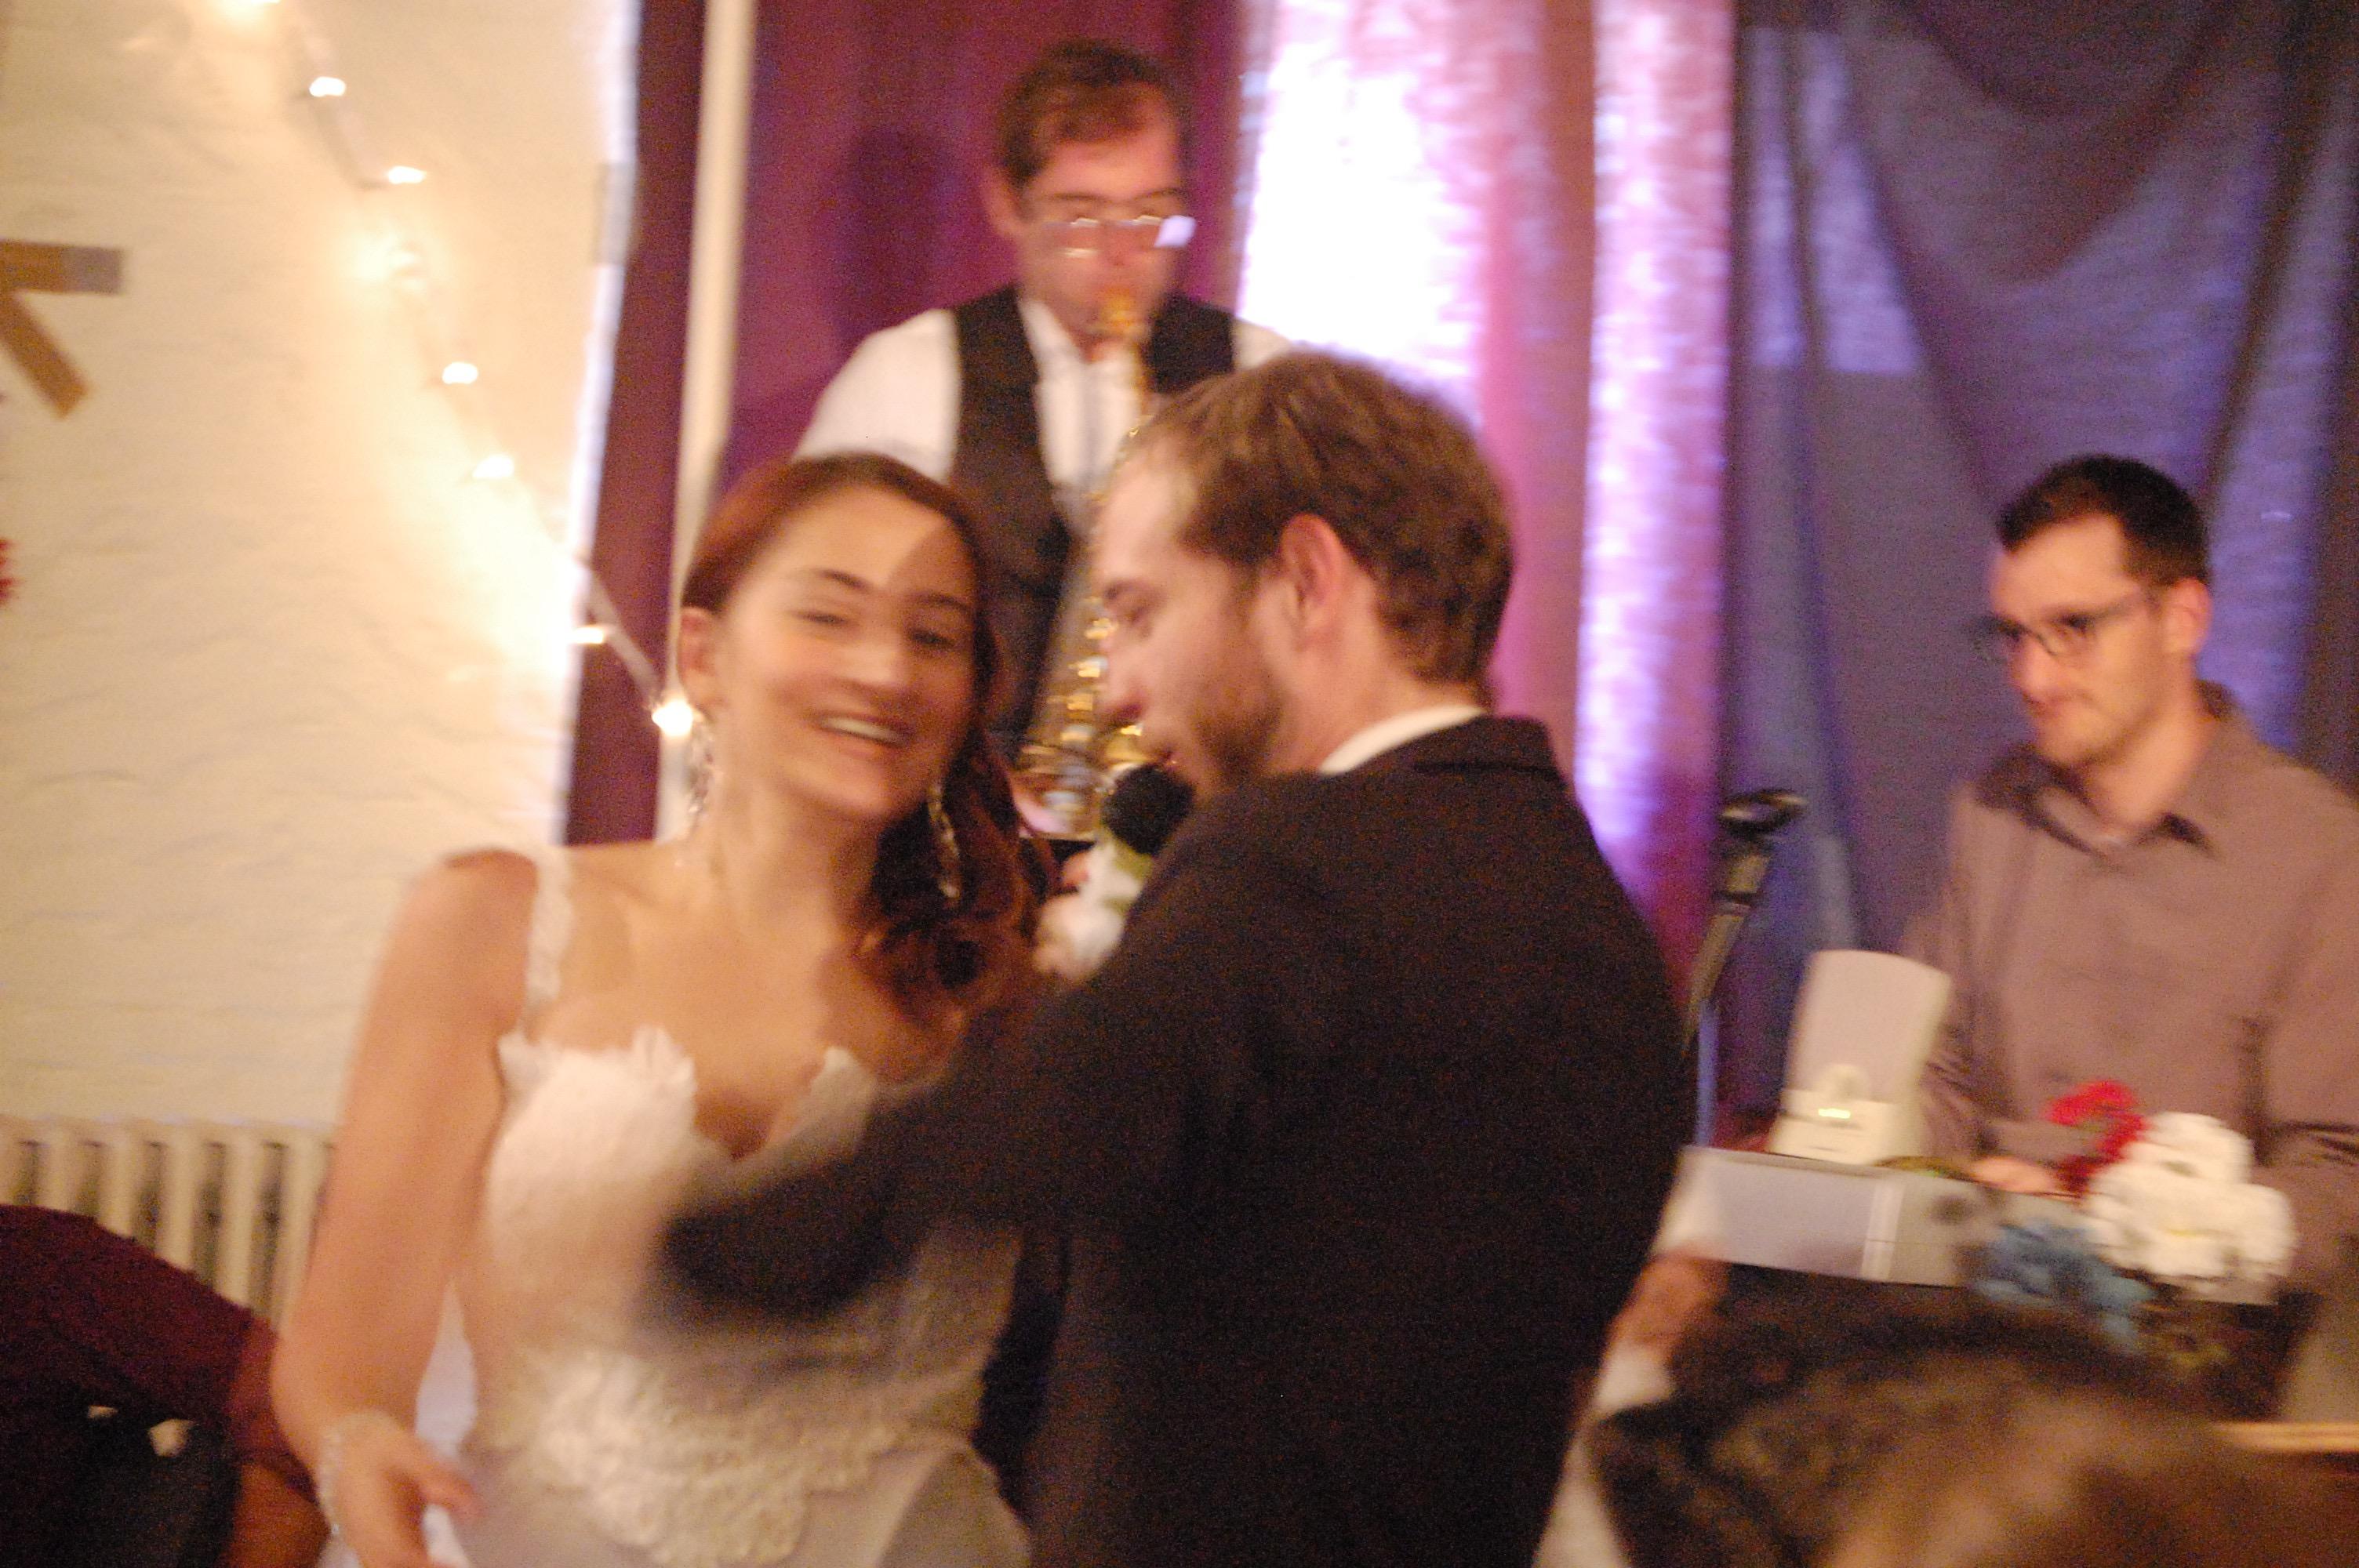 Peter & Angelica Dancing (Bride & Groom)